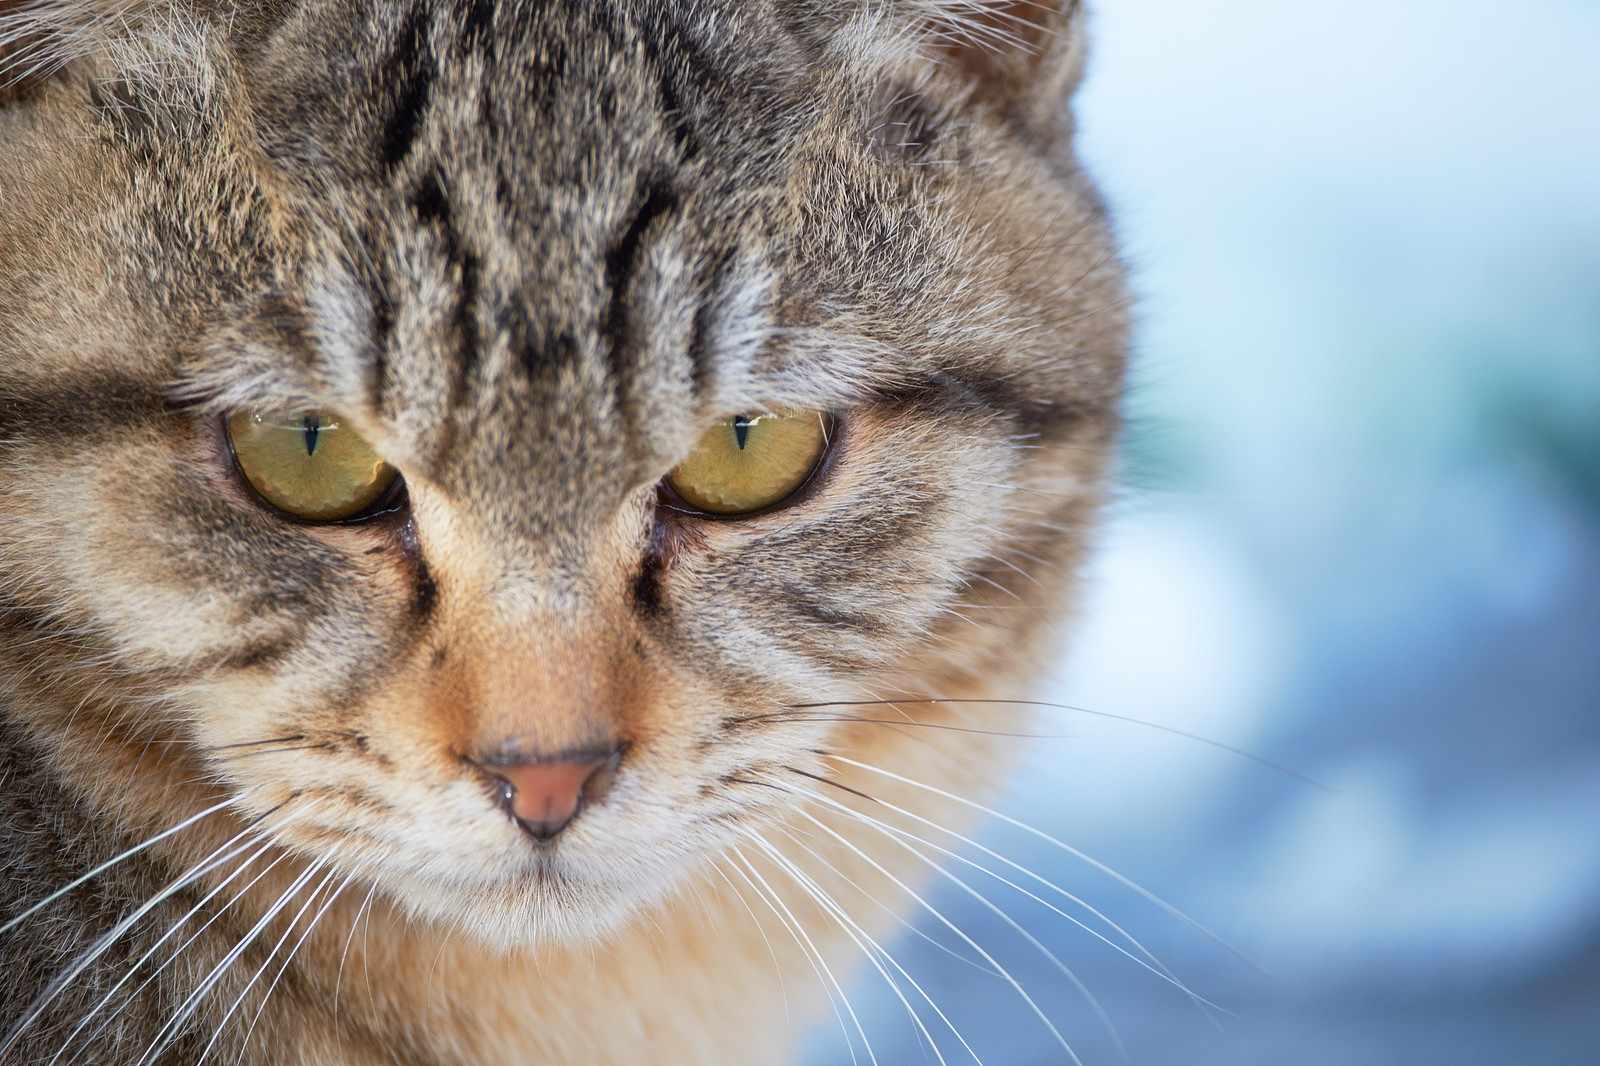 「険しい表情の猫 | 写真の無料素材・フリー素材 - ぱくたそ」の写真